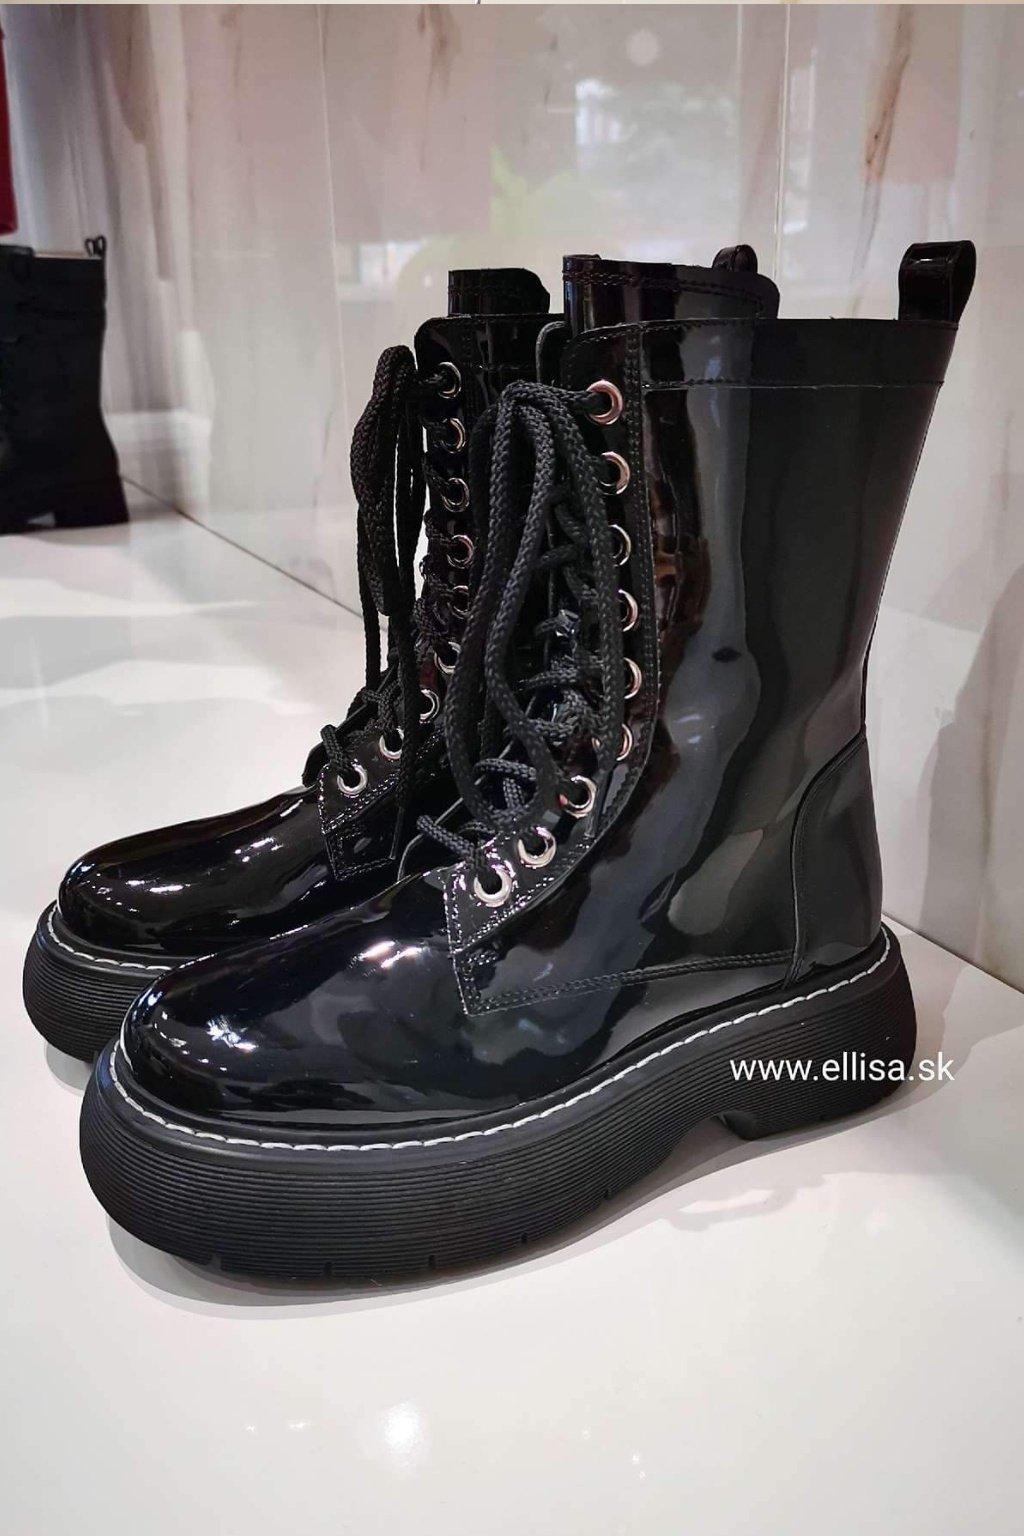 Kožené čižmy BOTEGA čierne